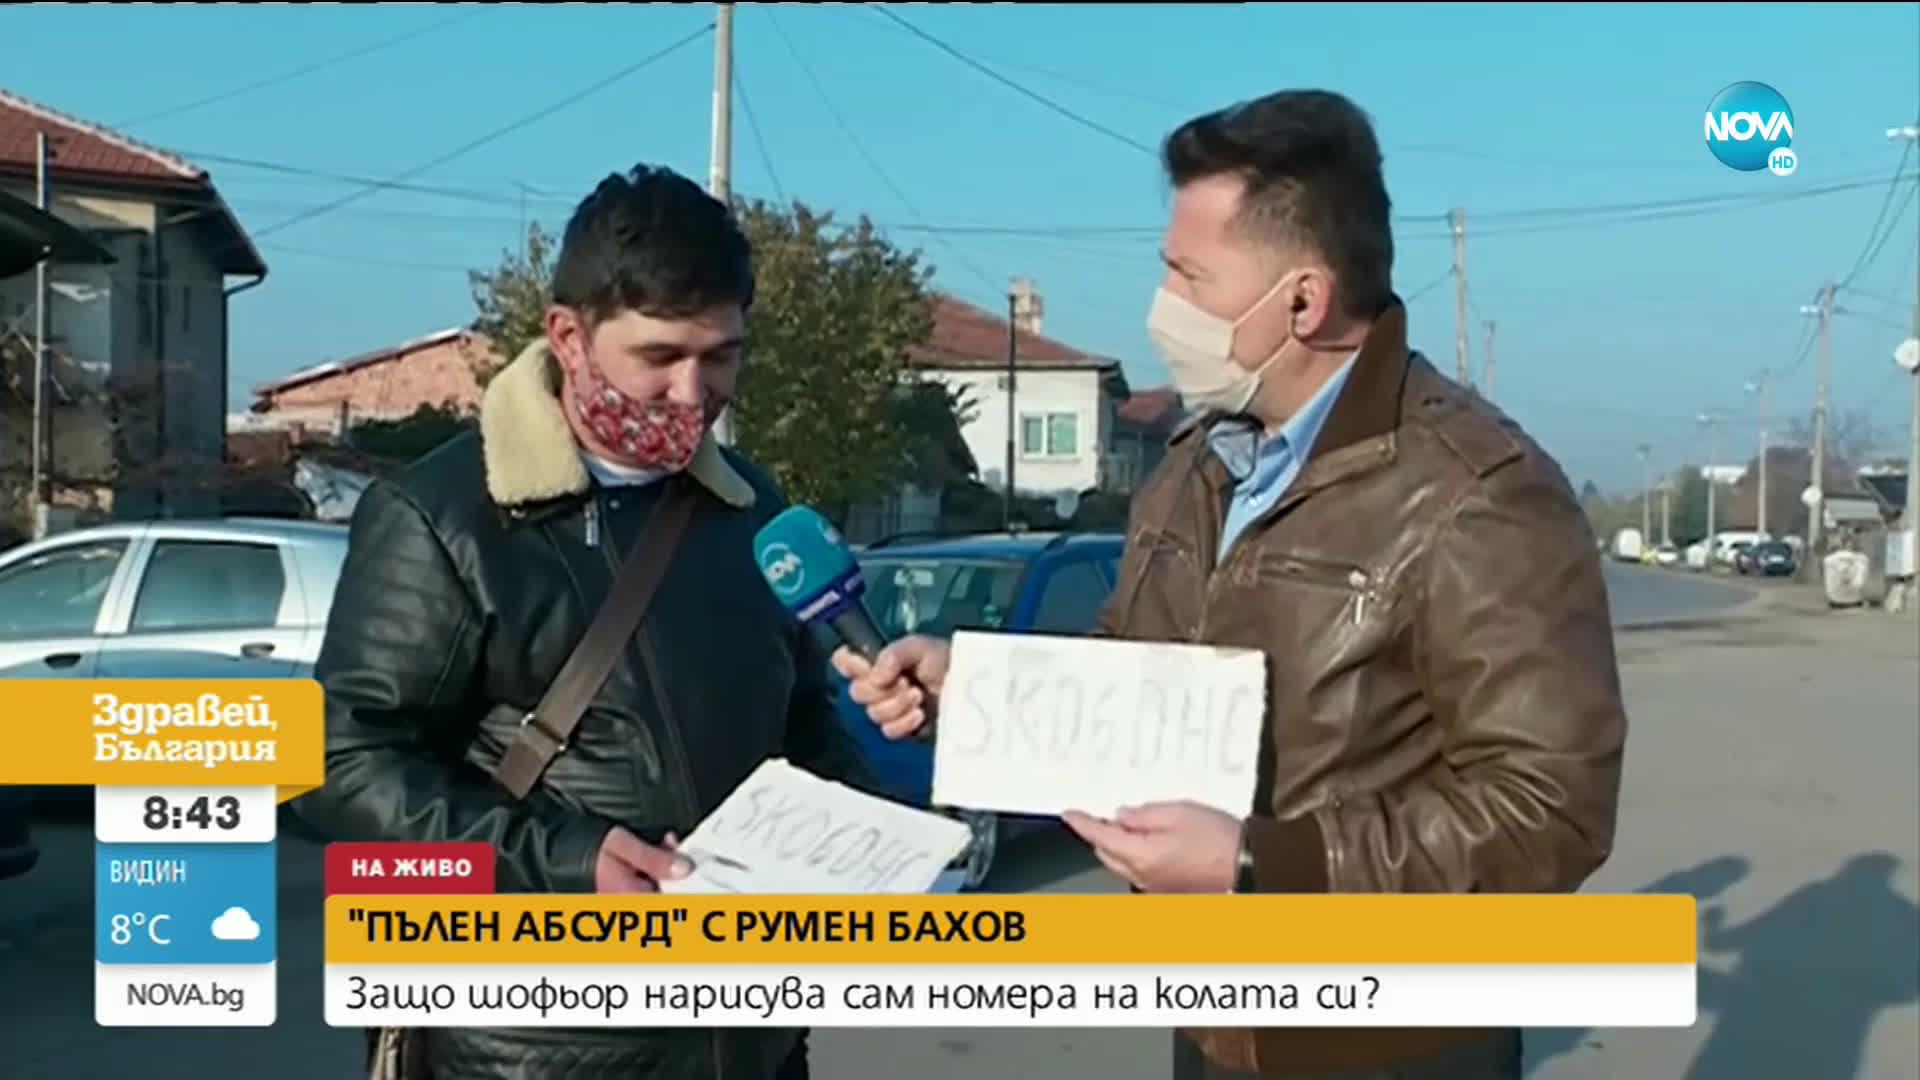 """""""ПЪЛЕН АБСУРД"""": Защо шофьор нарисува сам номера на колата си?"""